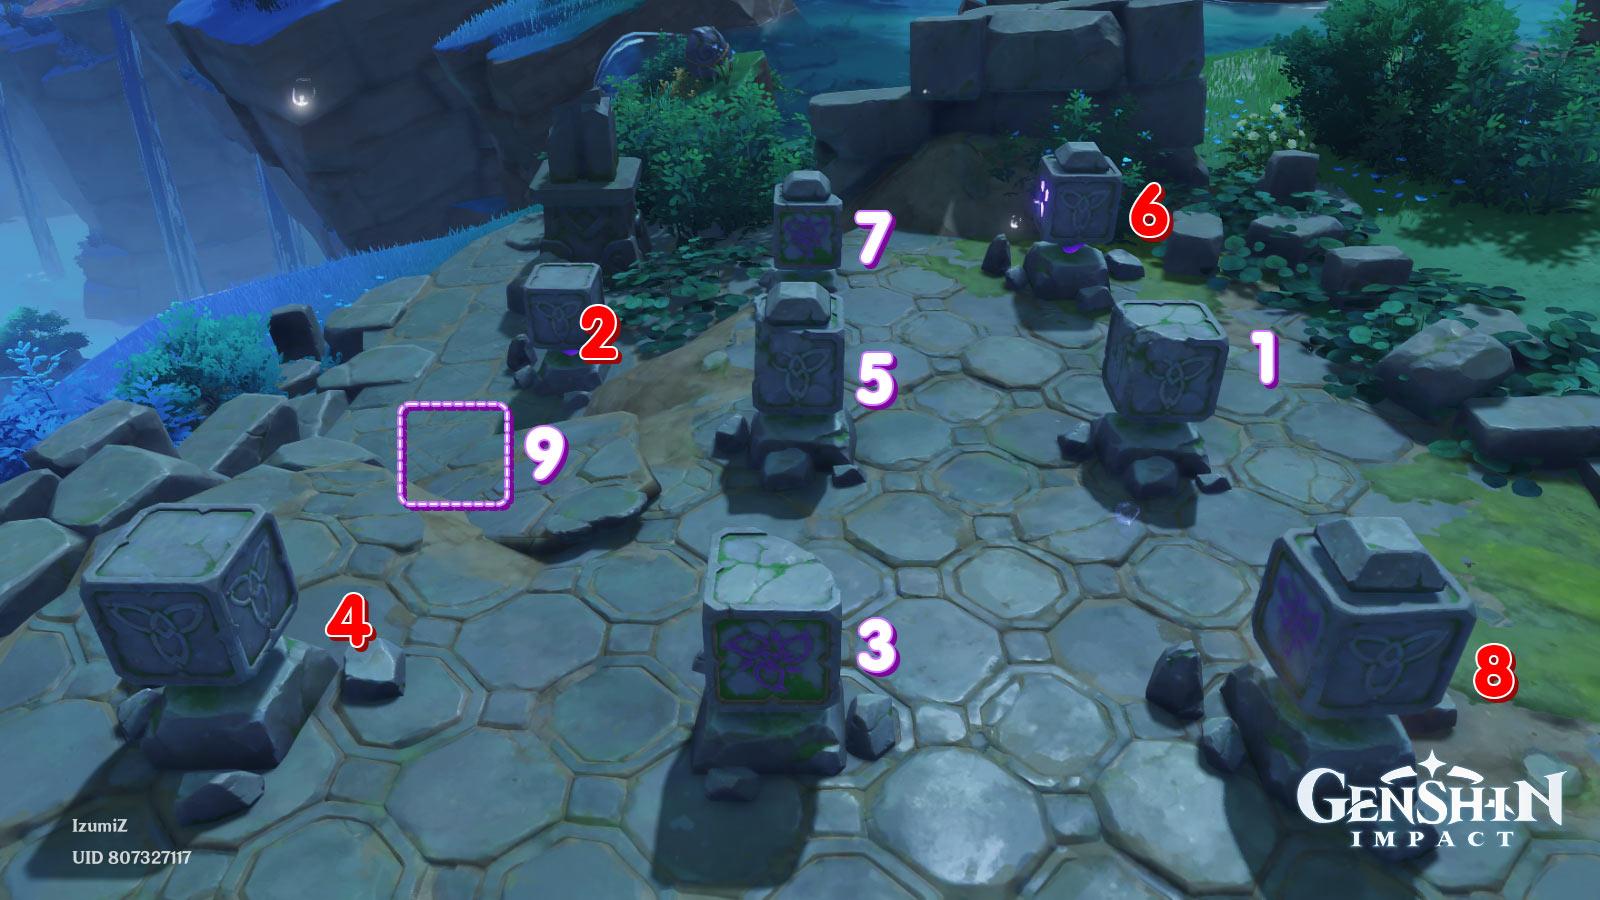 Genshin Impact ปริศนาแท่นหิน 9 ช่อง รูปแบบที่ 3